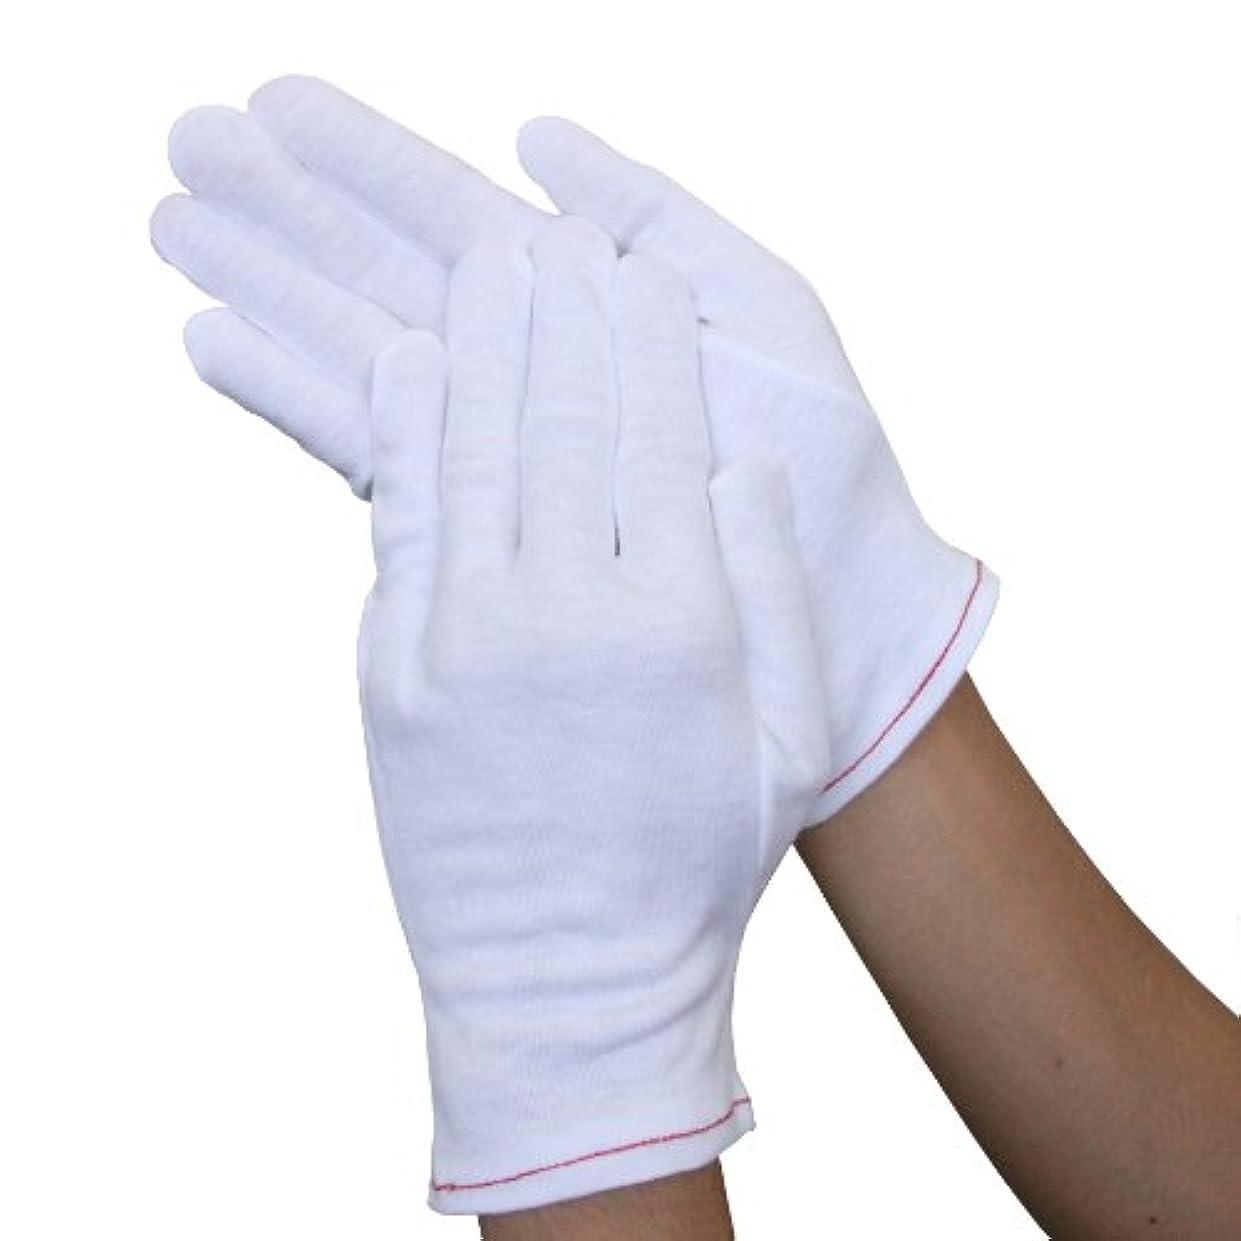 ホームキャスト静脈ウインセス 【心地よい肌触り/おやすみ手袋】 綿100%手袋 (1双) (S)